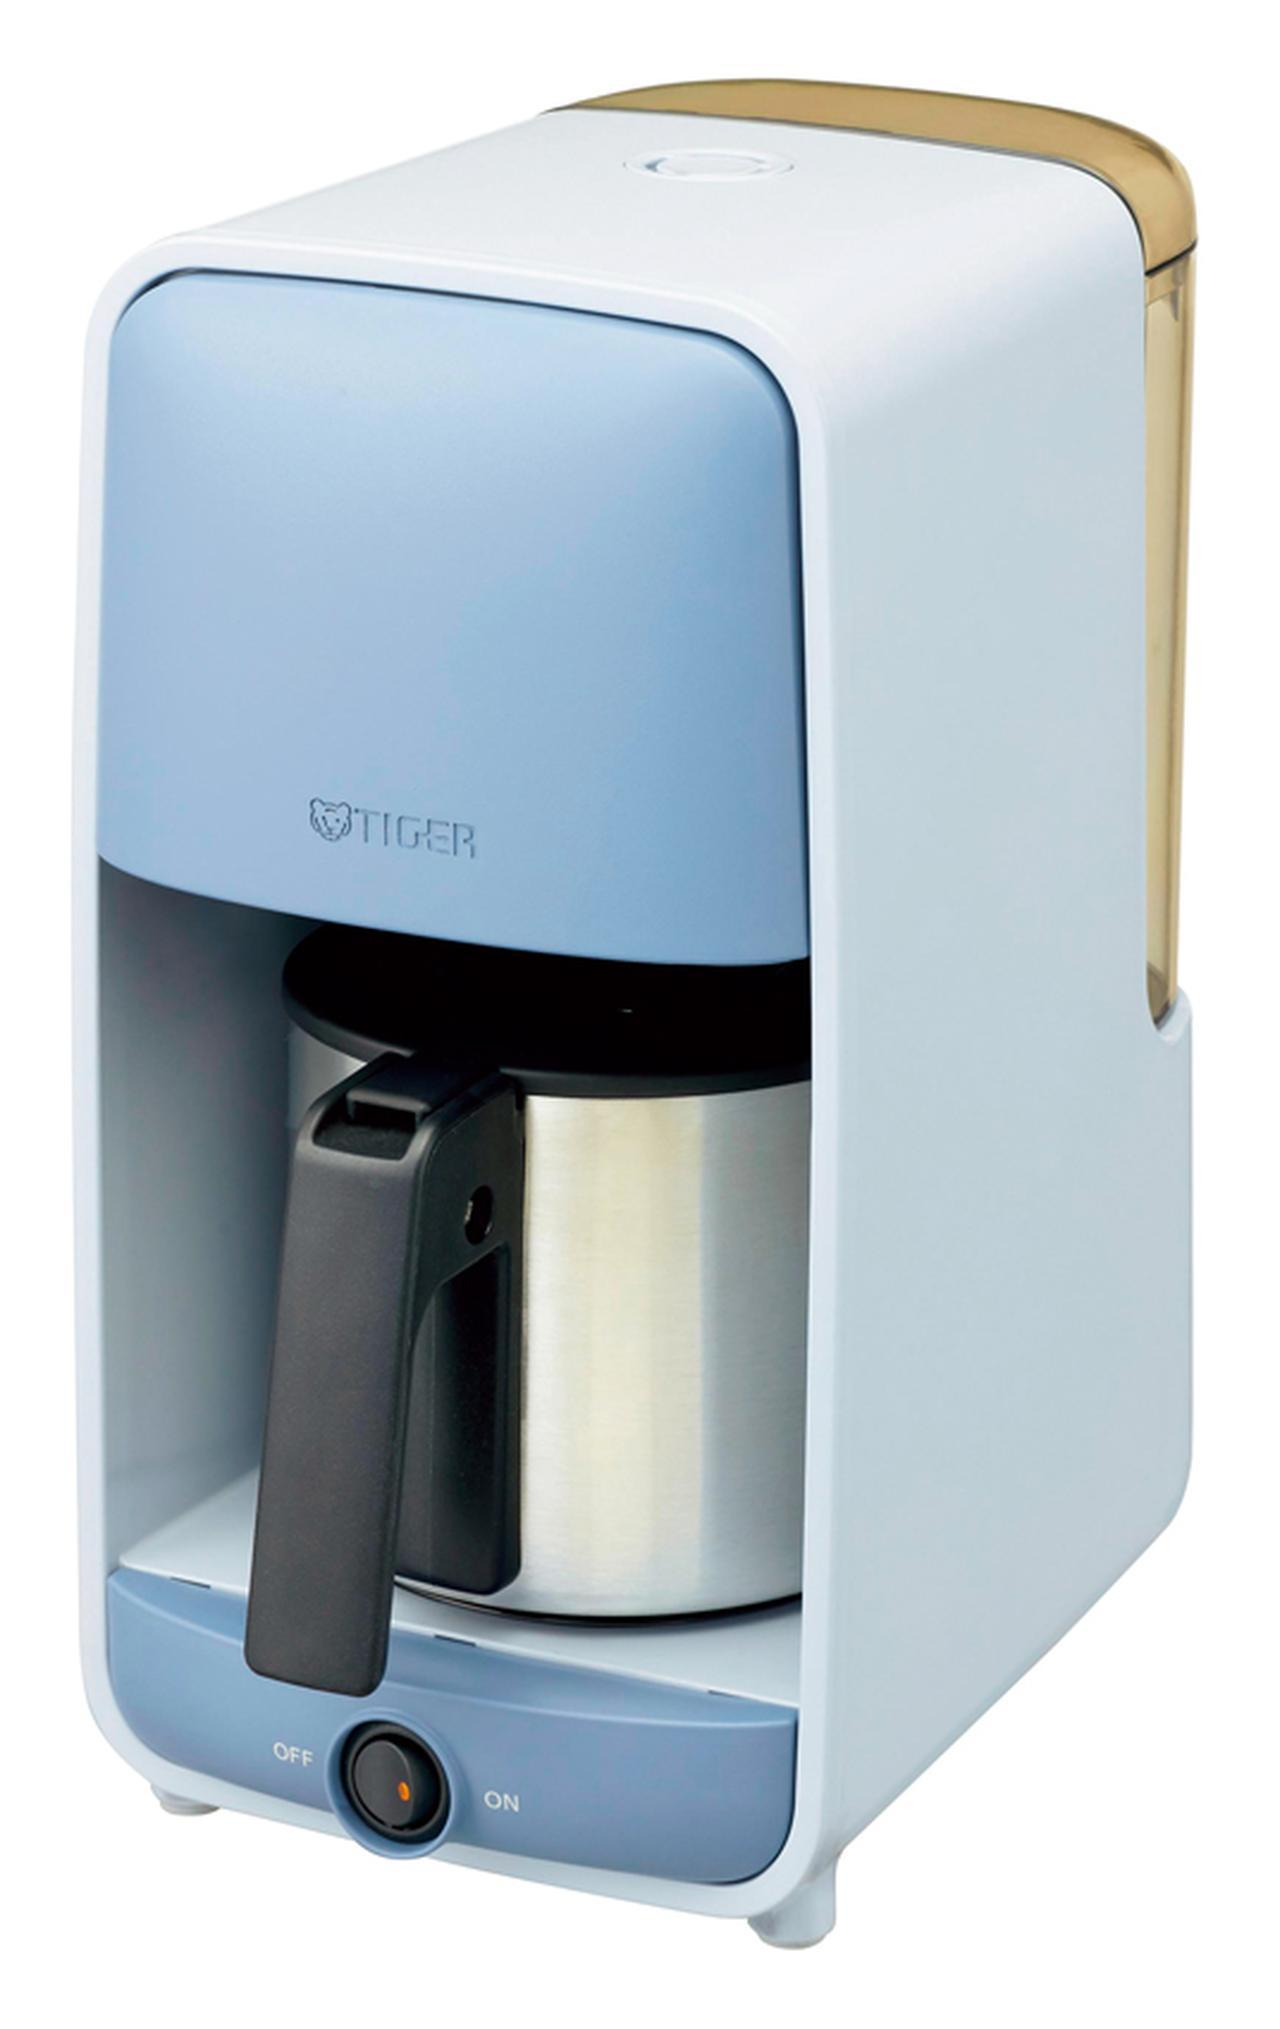 画像2: 通も納得のコクと香り! 象印のコーヒーメーカーに注目【珈琲通EC-RS40型】